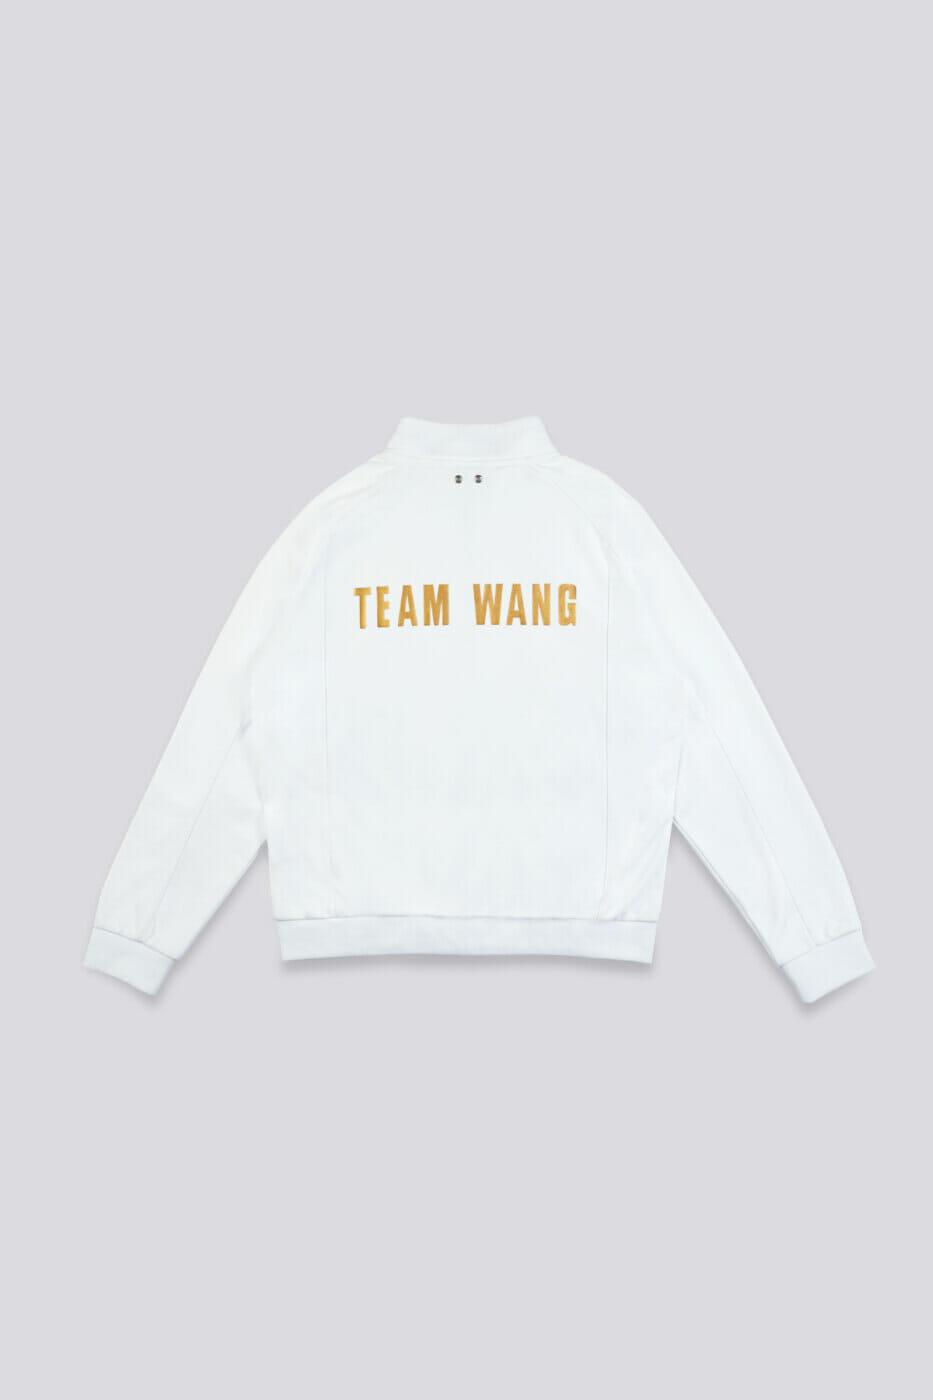 Team Wang